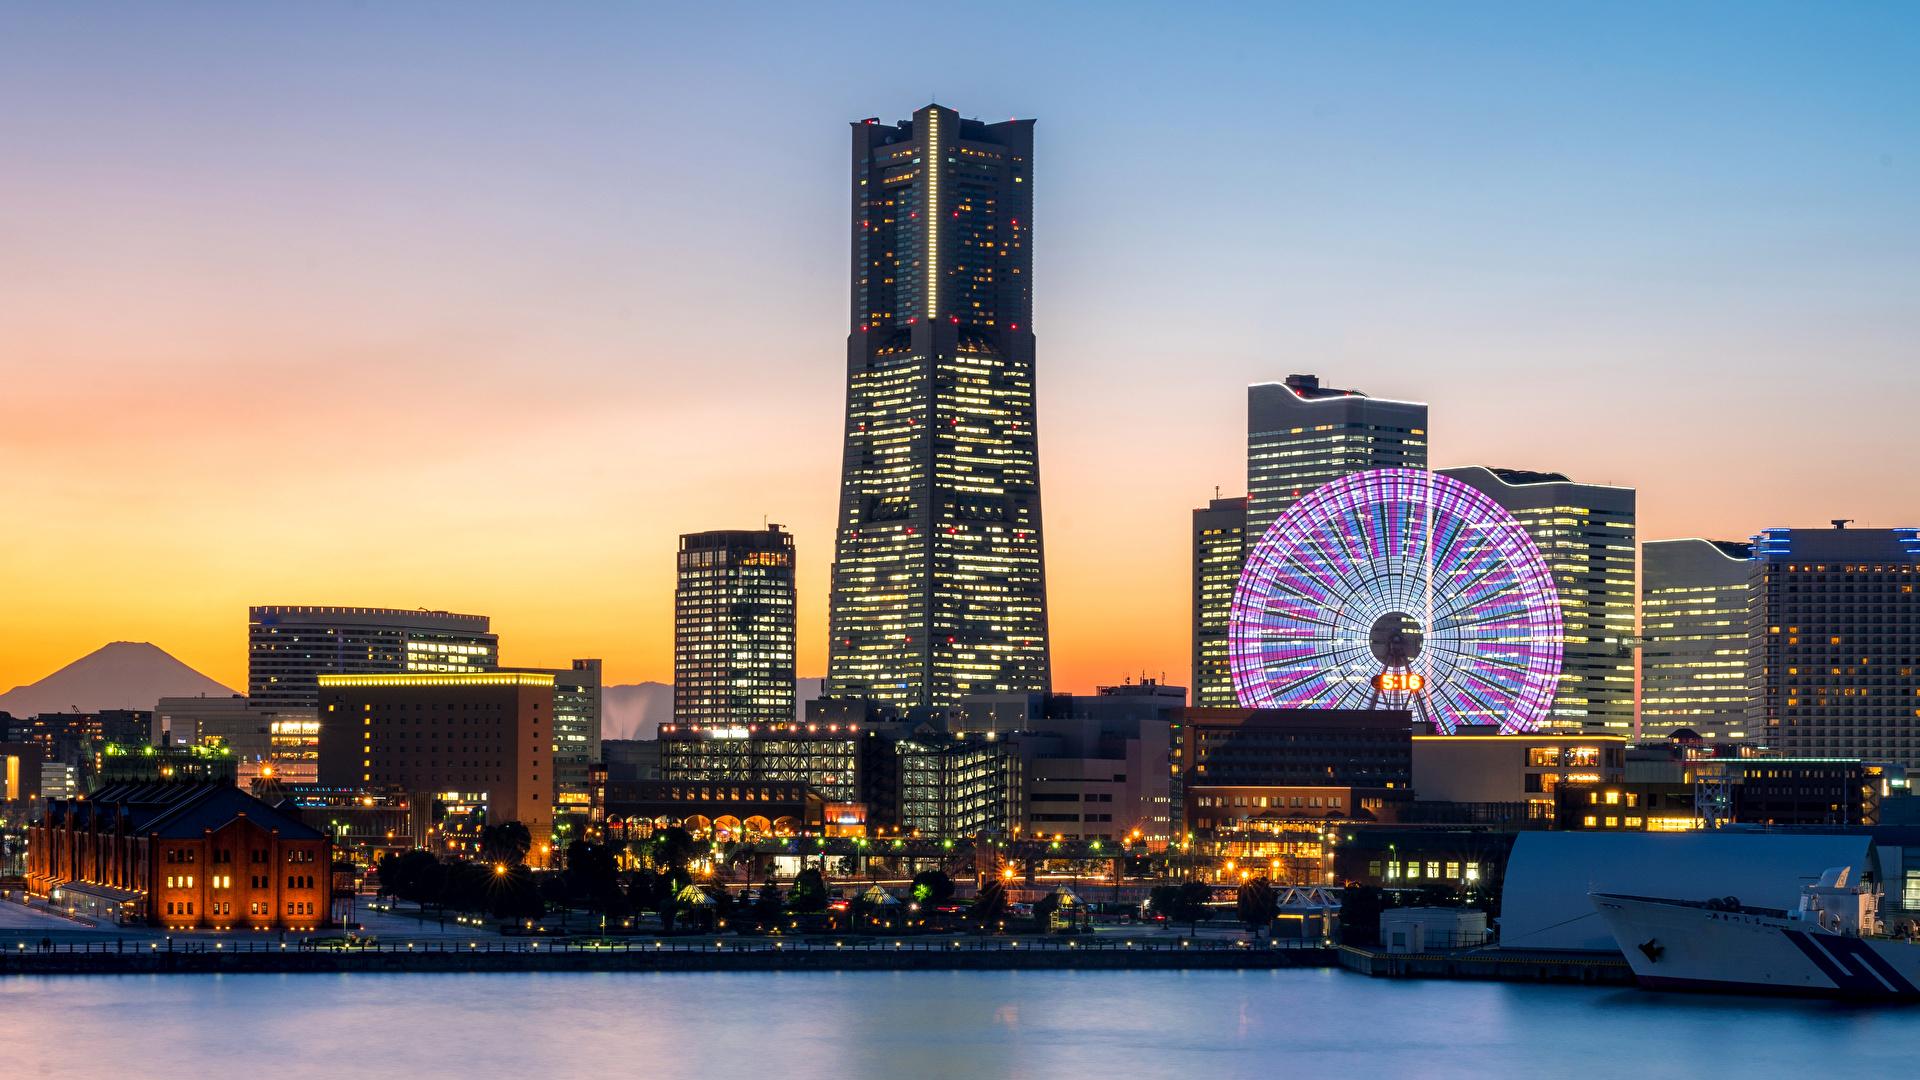 Картинки Япония Yokohama Колесо обозрения Вечер залива Пристань Небоскребы Дома Города 1920x1080 колесом обозрения Залив Пирсы заливы Причалы город Здания